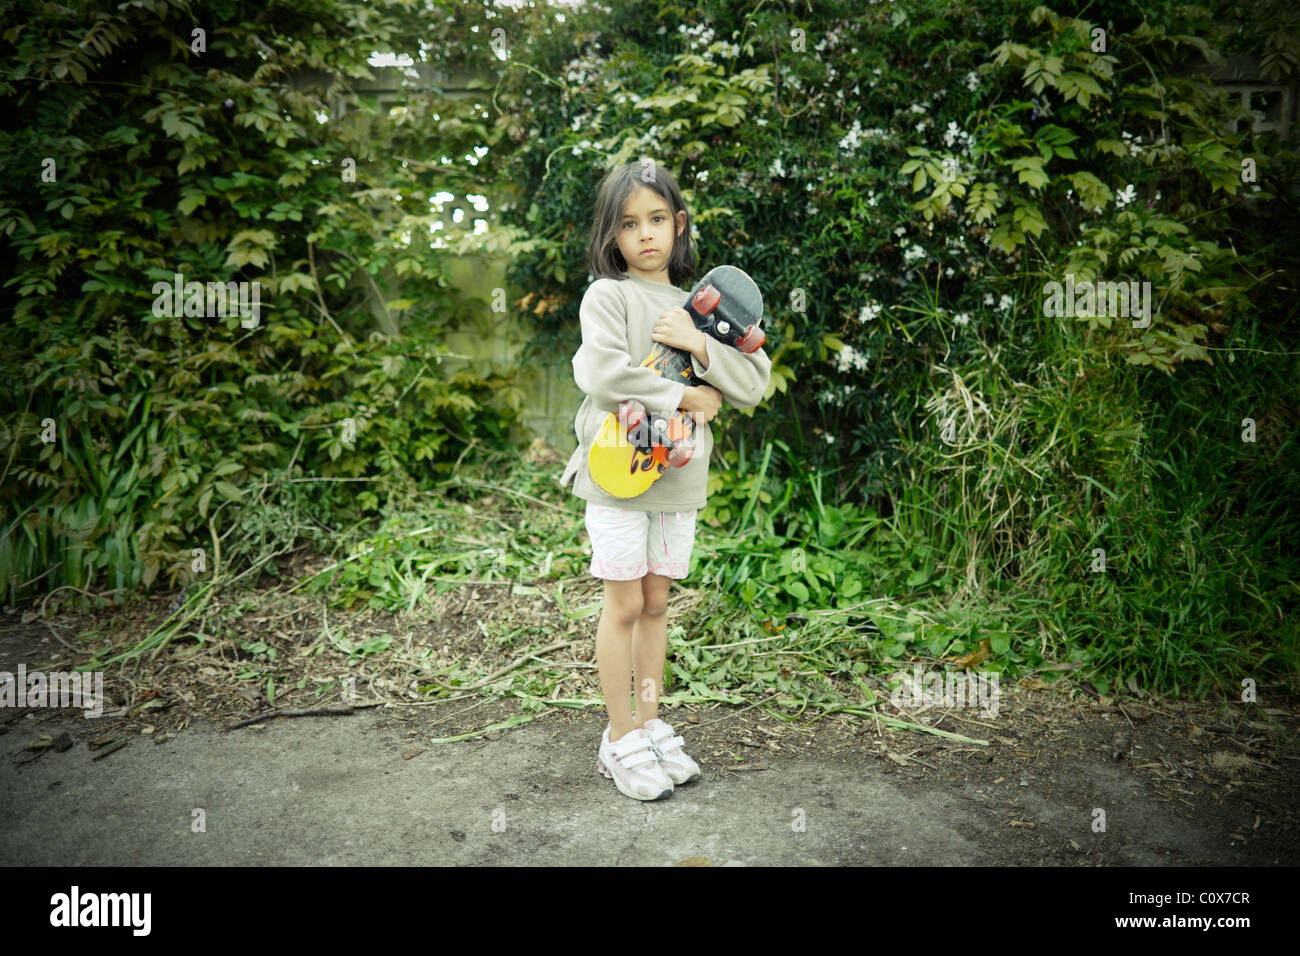 Ritratto di ragazza con lo skateboard. Immagini Stock